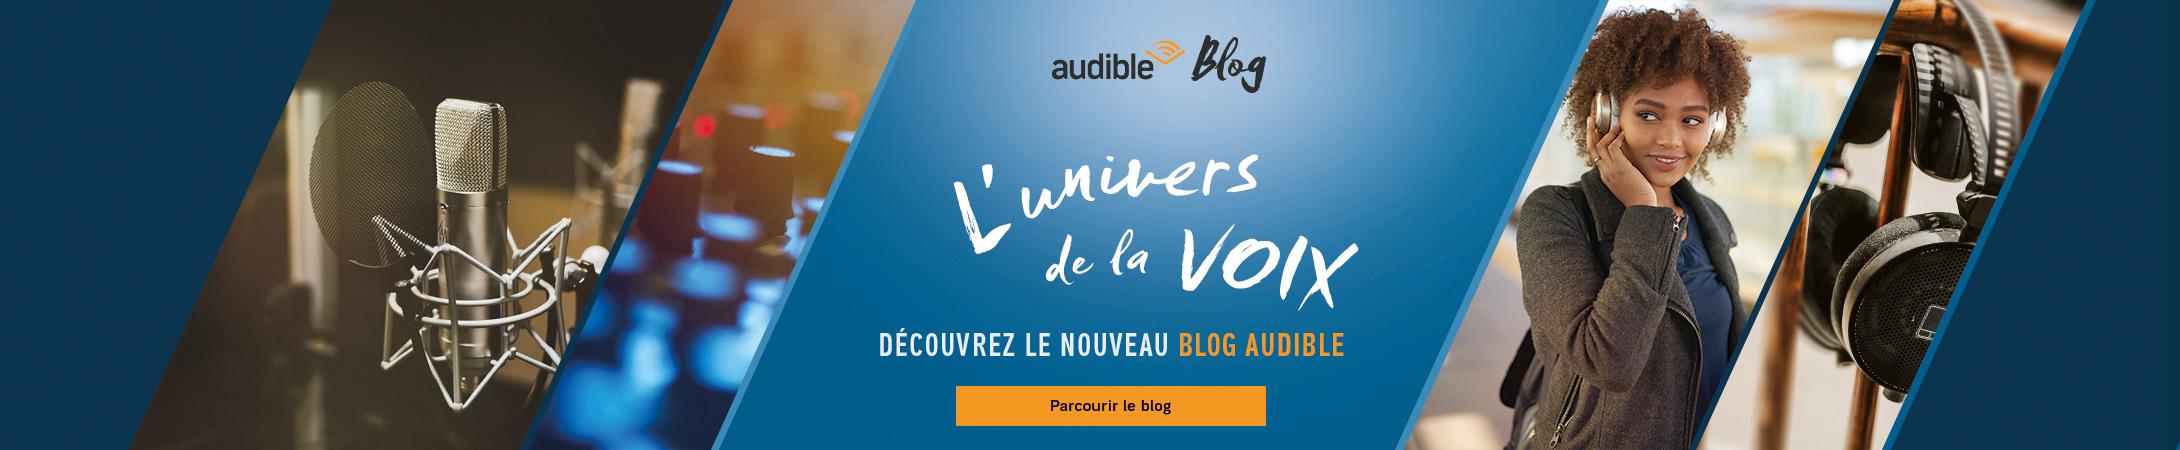 Découvrez l'univers de la voix sur le nouveau blog Audible.